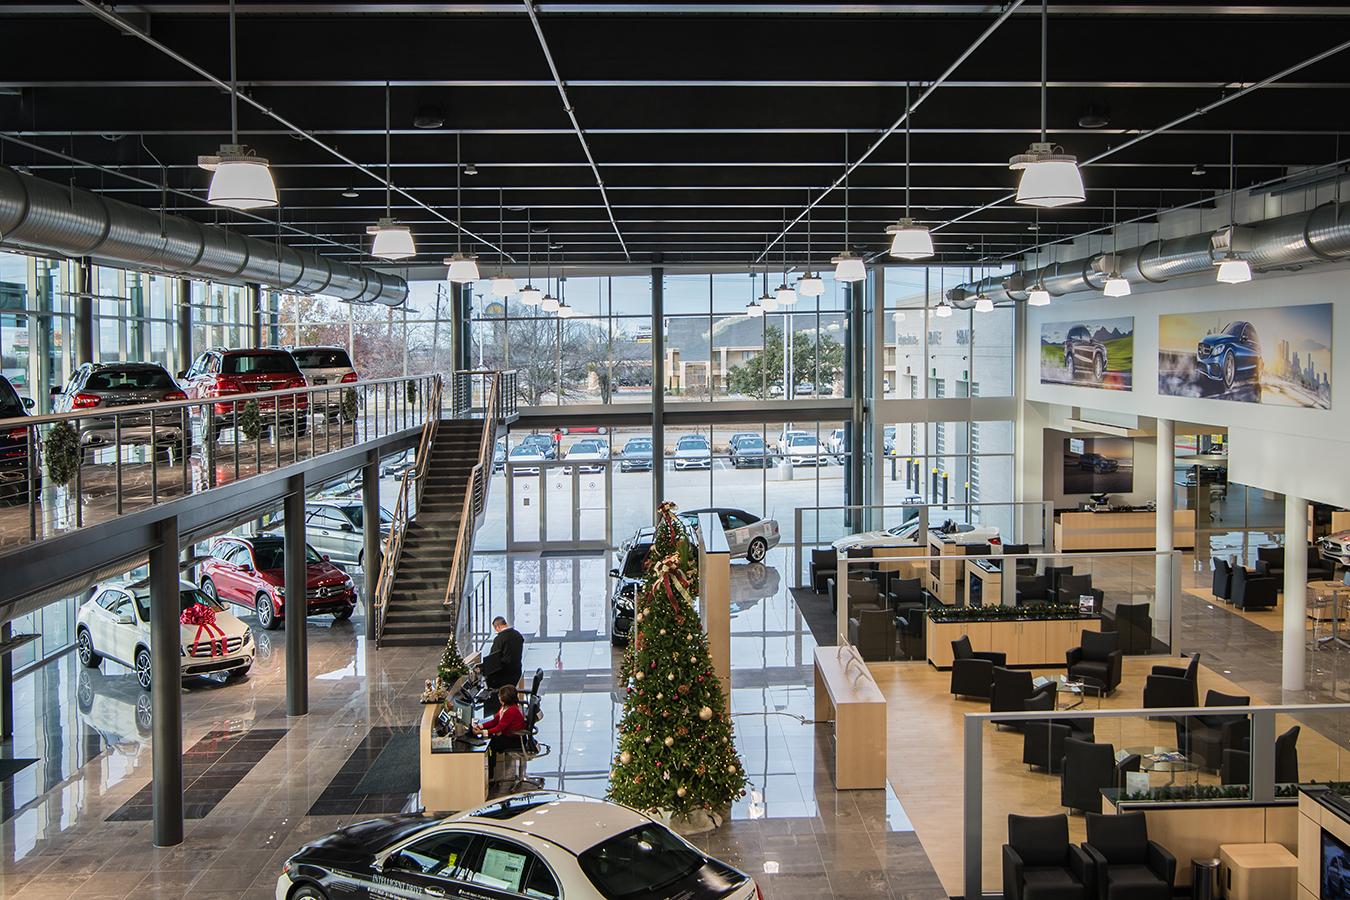 Mercedes Benz Dealership >> Mercedes-Benz of McKinney - Venture Mechanical